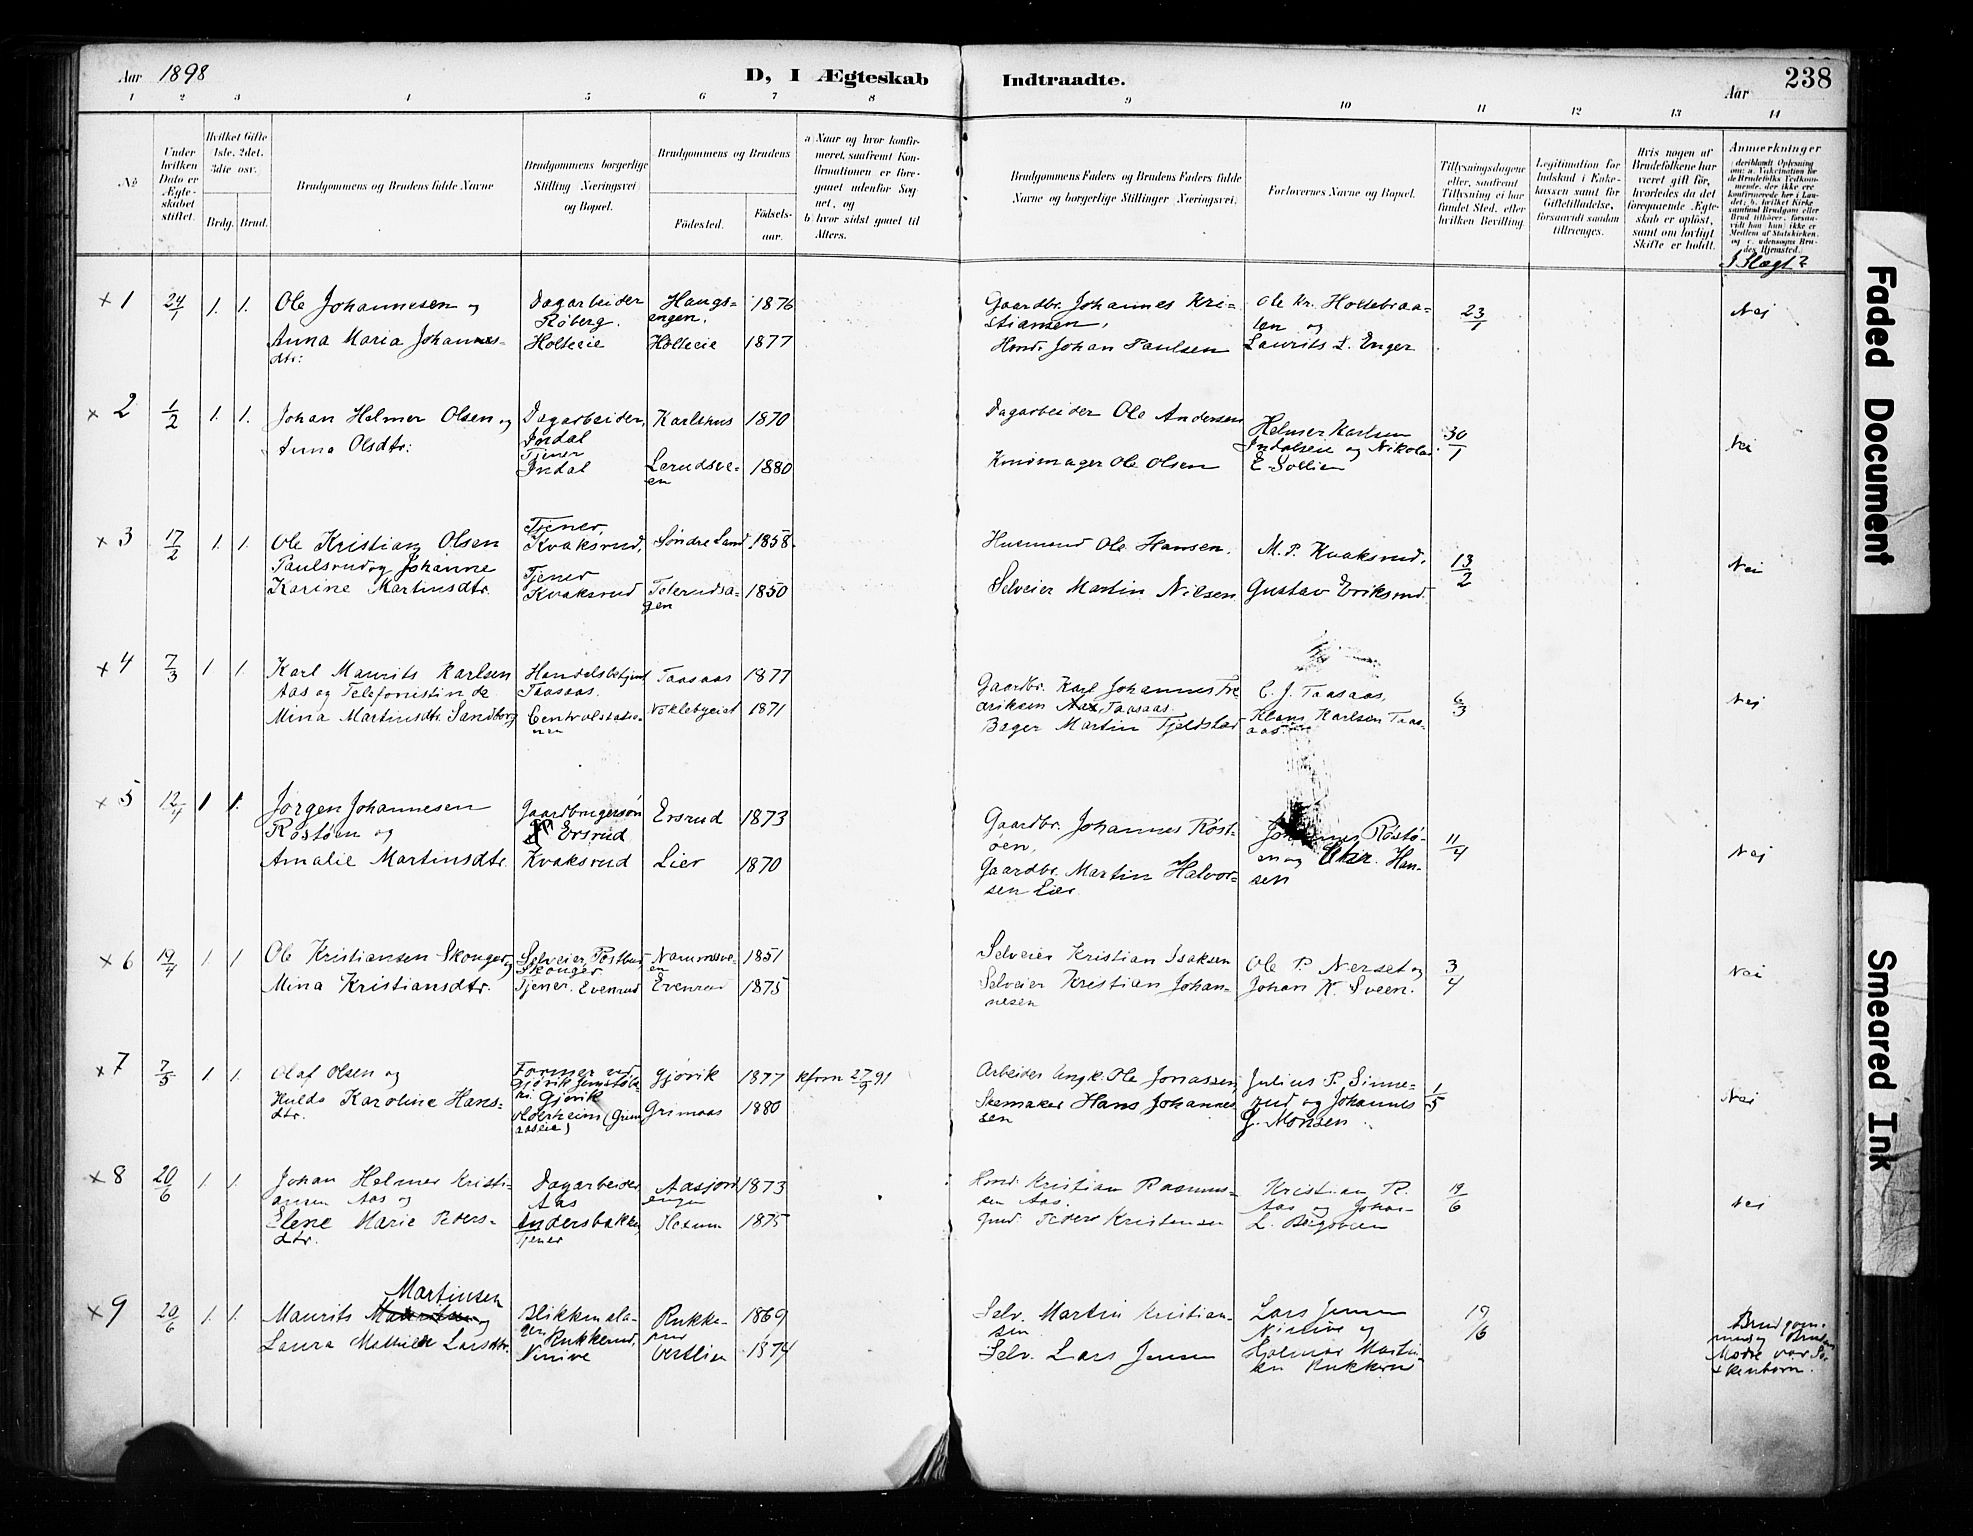 SAH, Vestre Toten prestekontor, Ministerialbok nr. 11, 1895-1906, s. 238